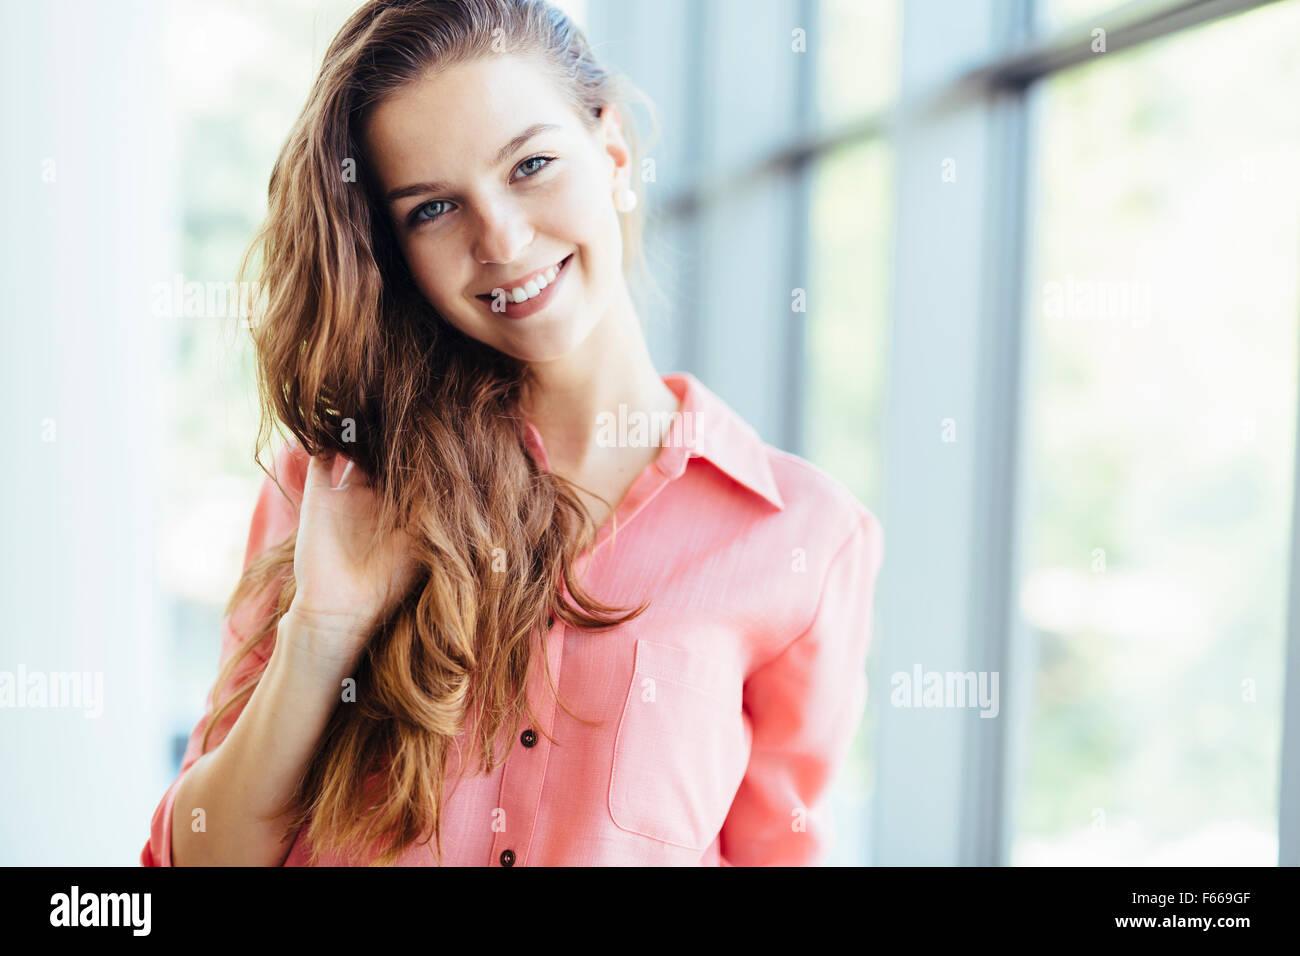 Hermosa empresaria sosteniendo su cabello y sonriendo. Sentimiento de felicidad verdadera Imagen De Stock